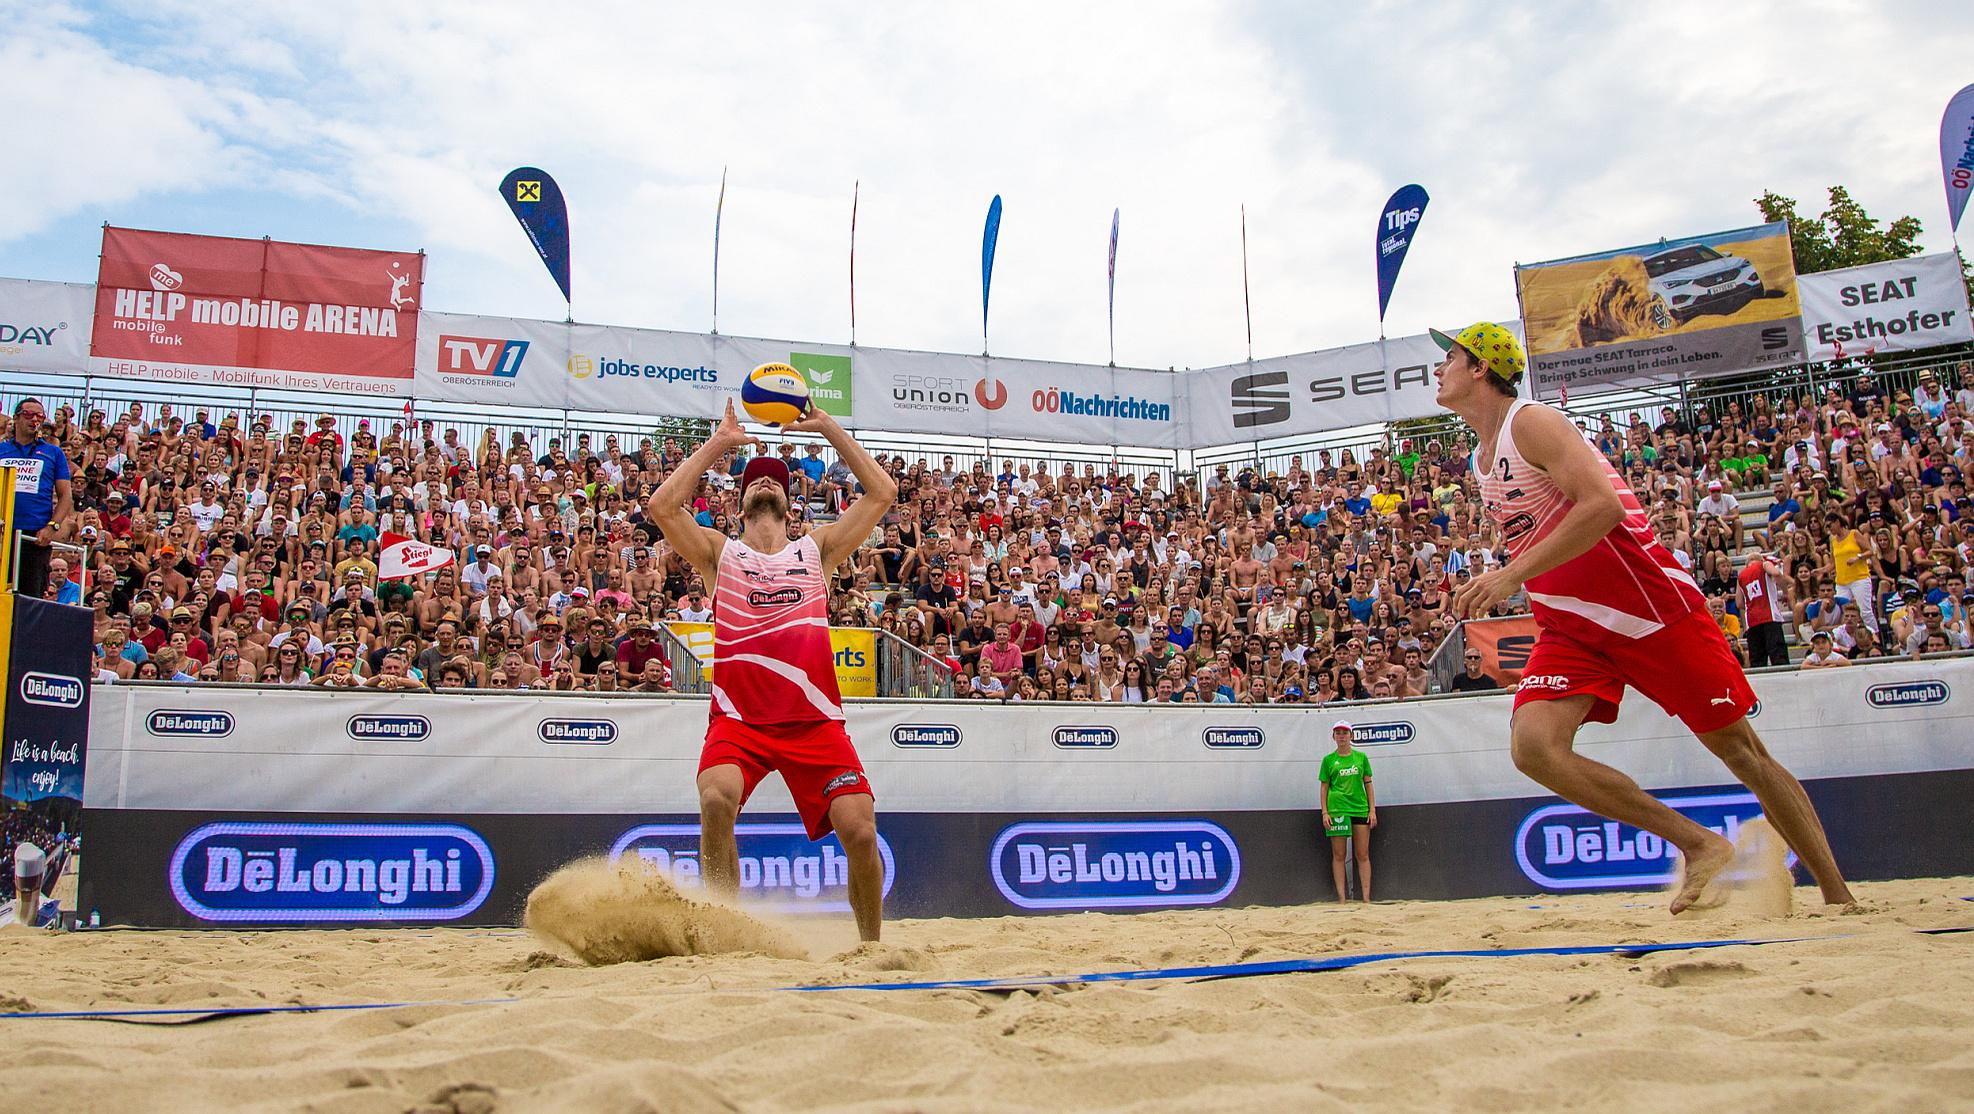 FOTO © PRO Beach Battle/Gert Nepel